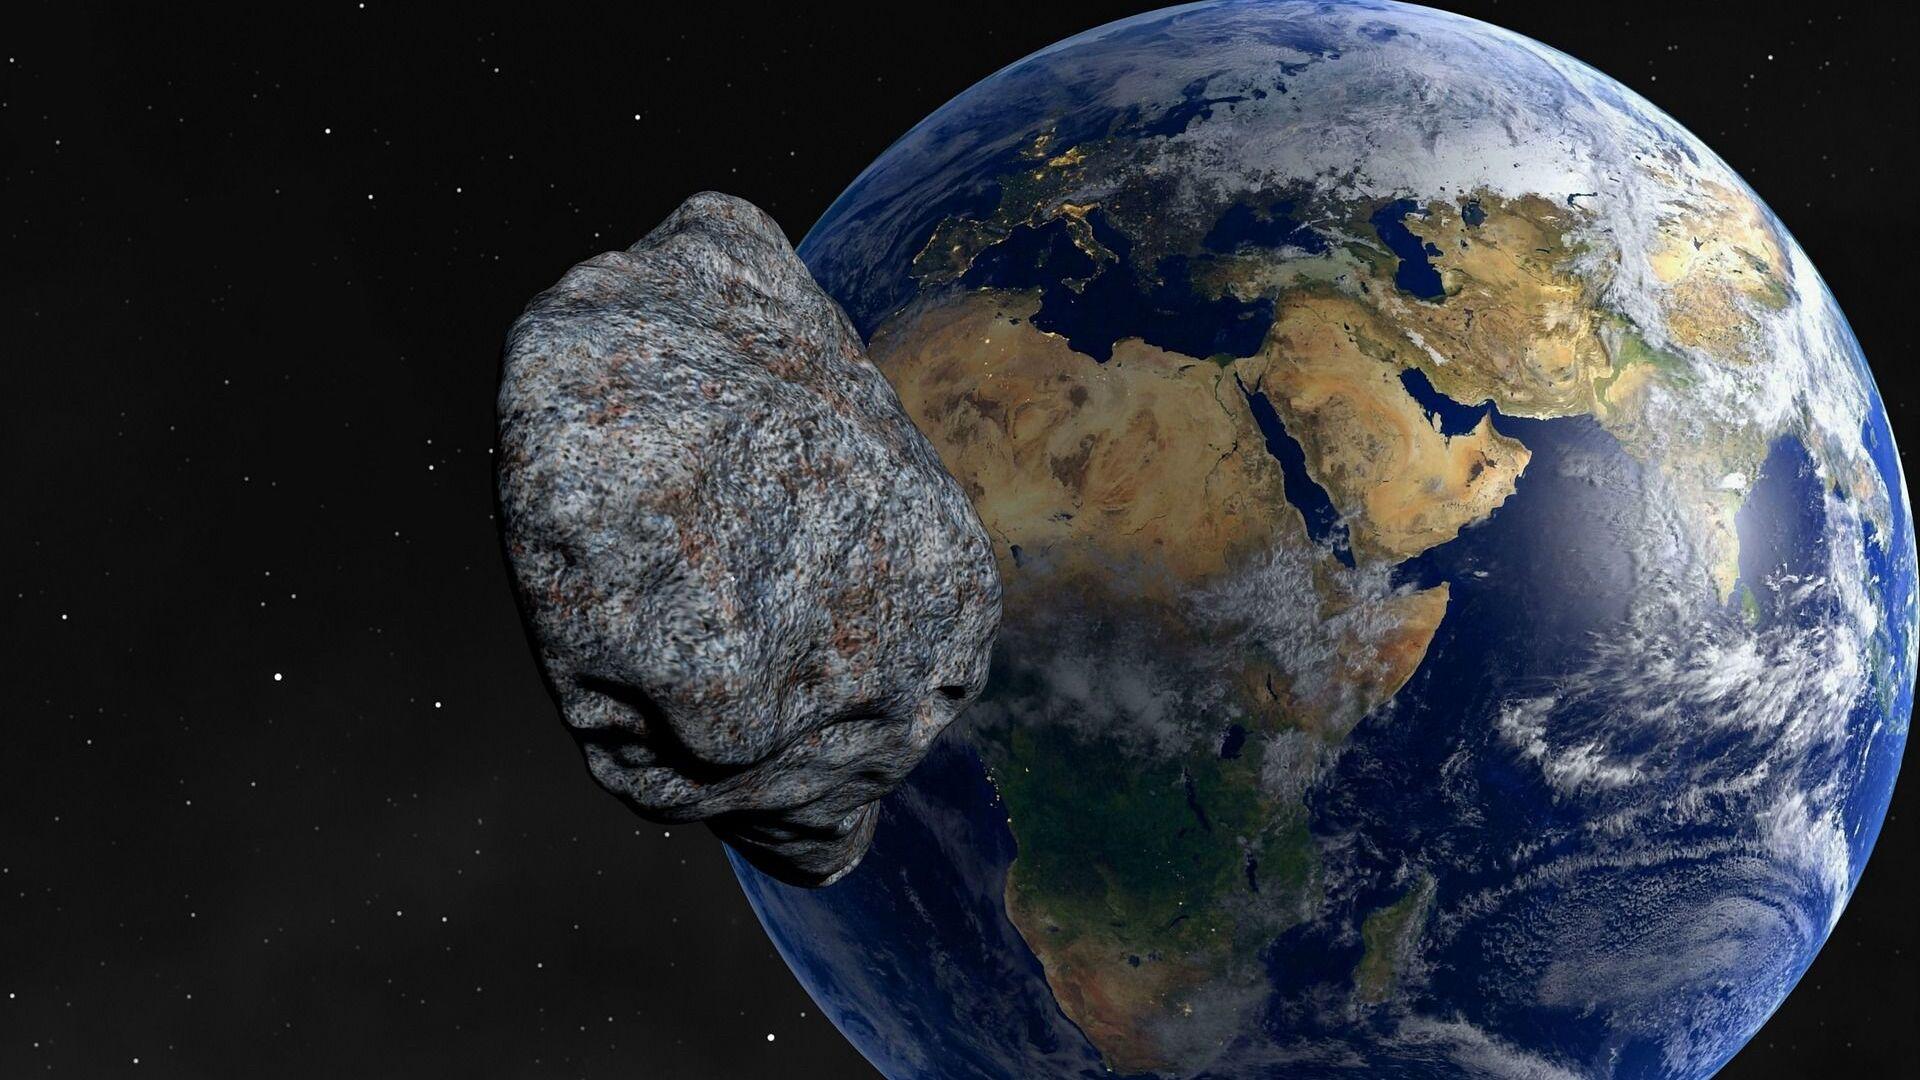 Un asteroide si sta dirigendo verso la Terra - Sputnik Italia, 1920, 18.05.2021